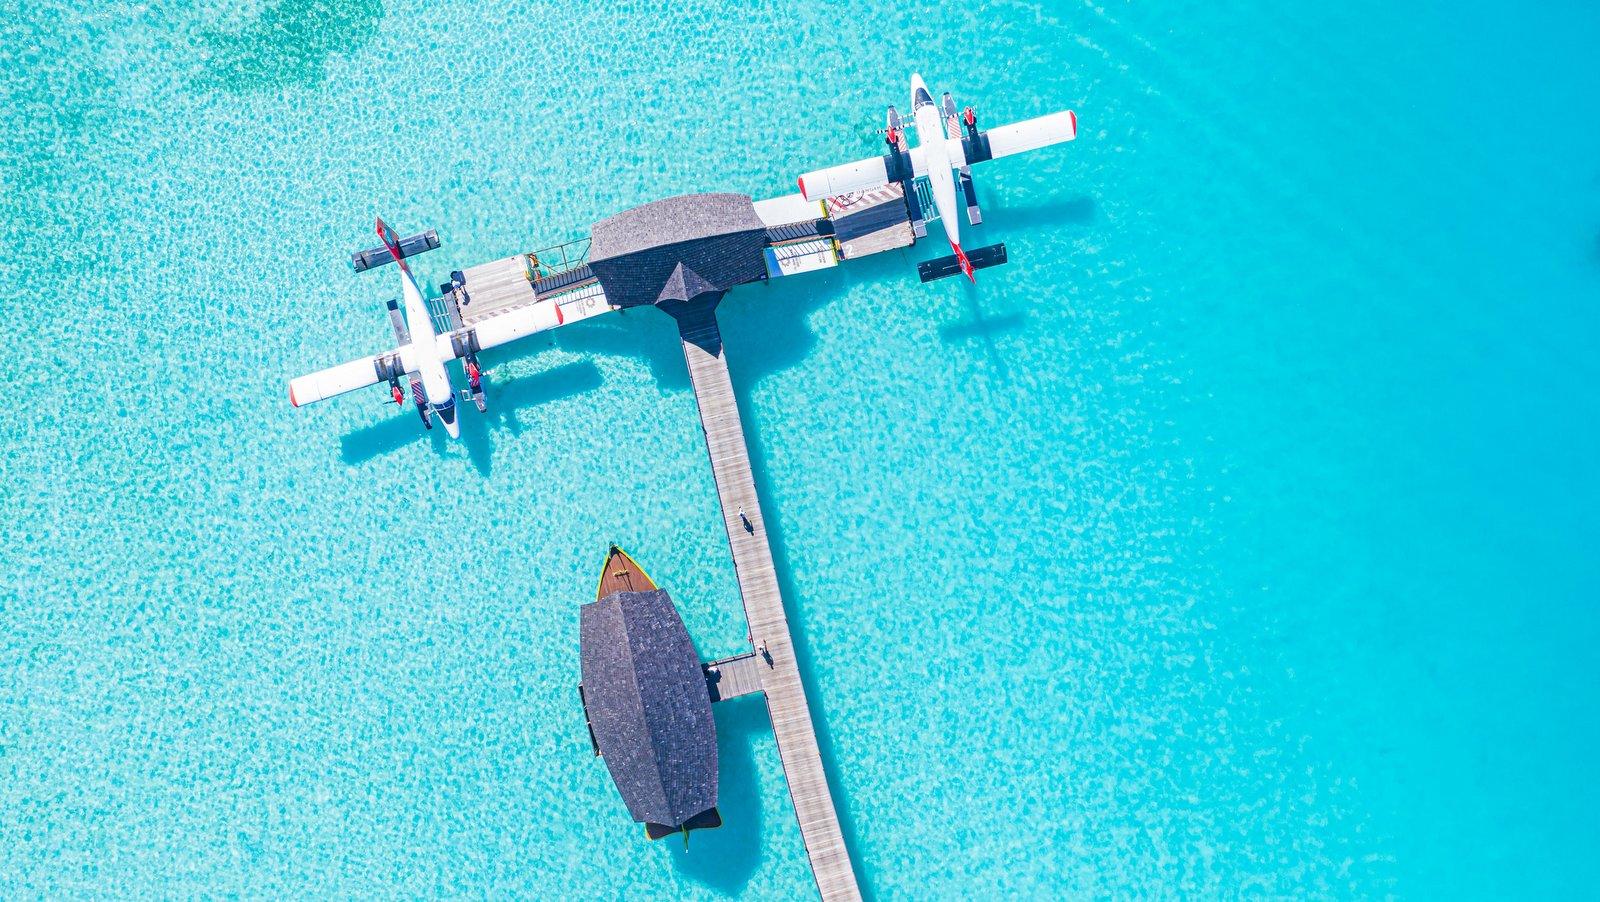 Мальдивы, отель Sun Siyam Iru Fushi, причал для гидросамолета